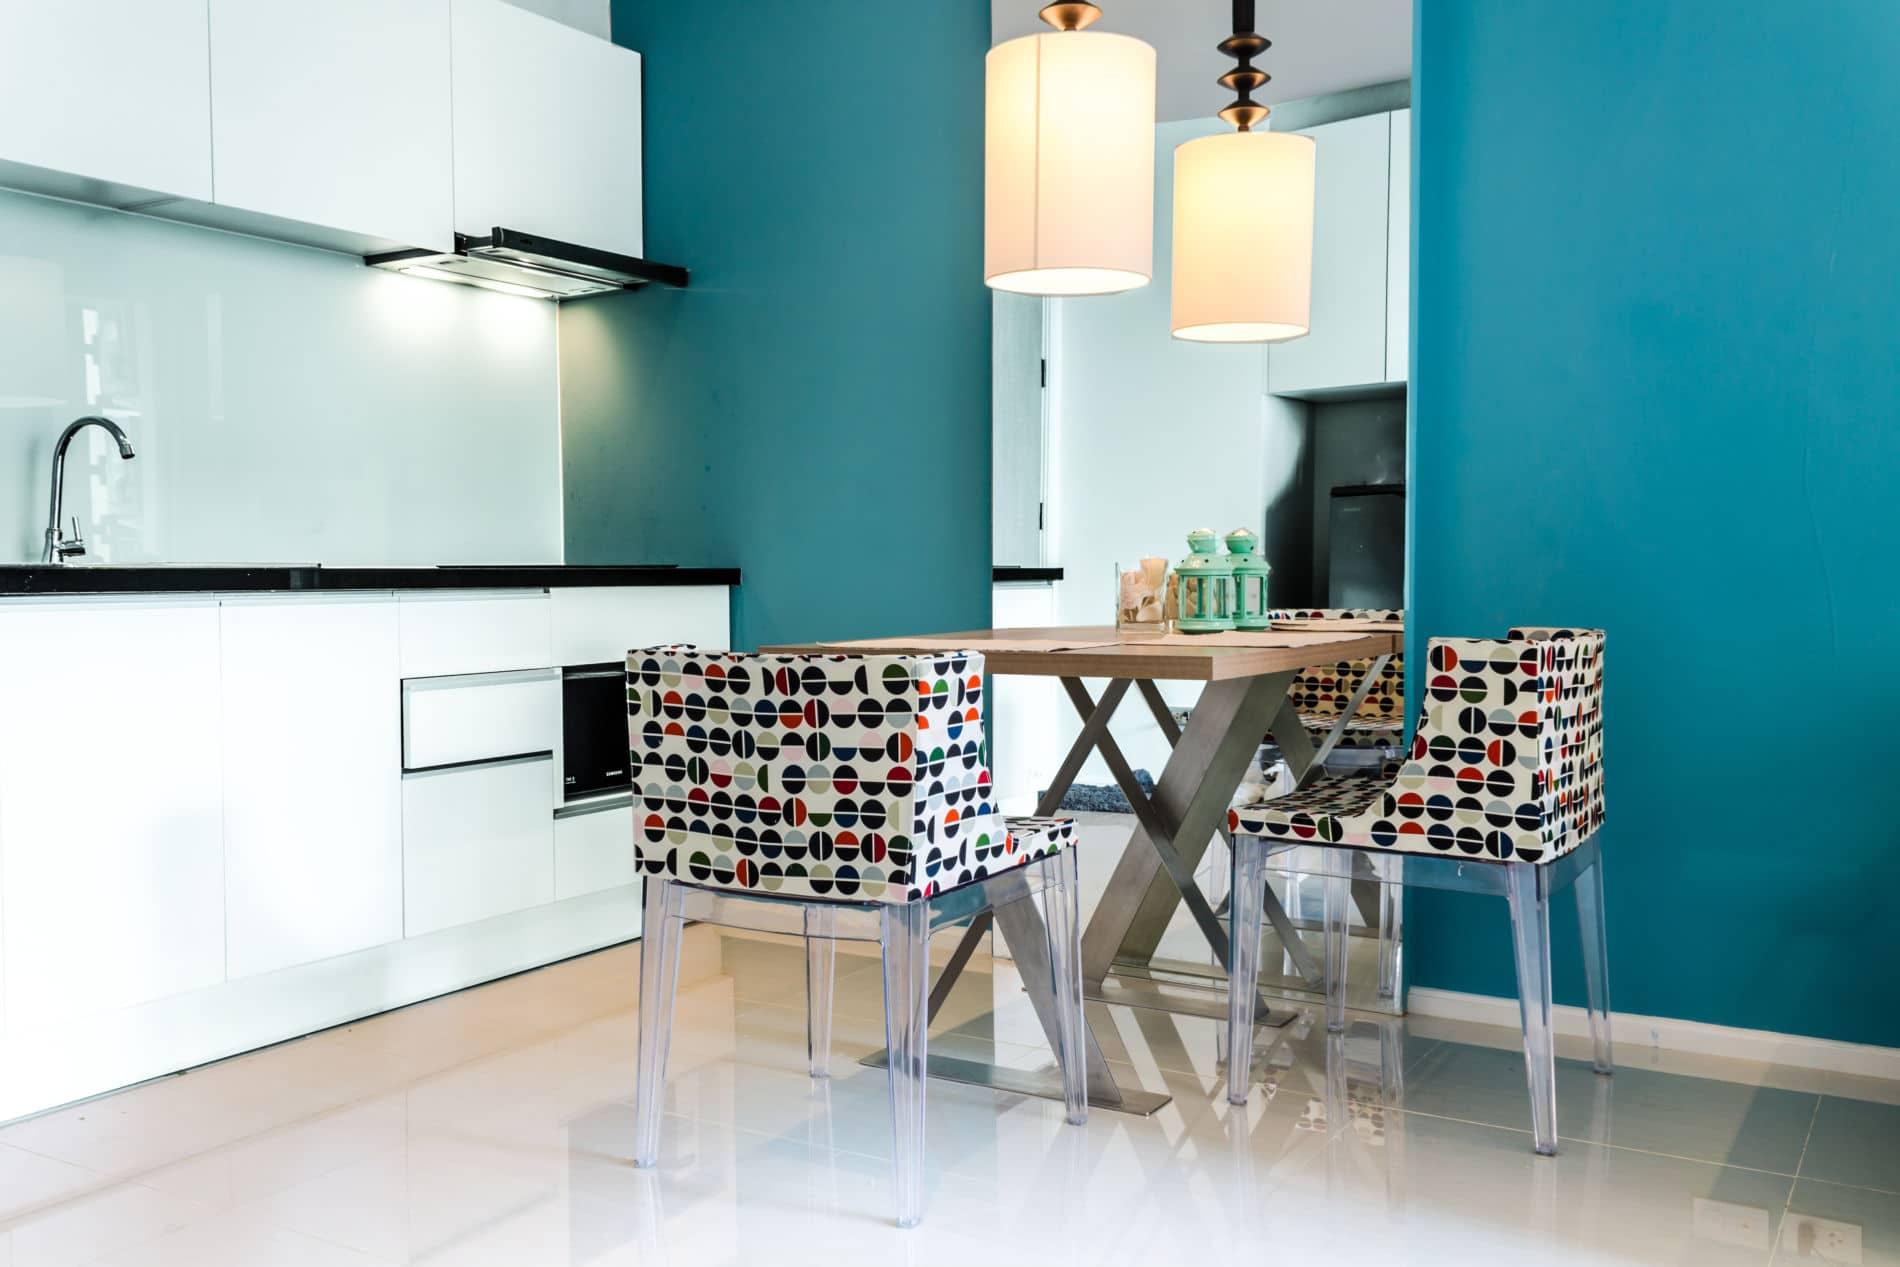 מטבחים מודרניים מעוצבים - מטבח מודרני בצבע תכלת